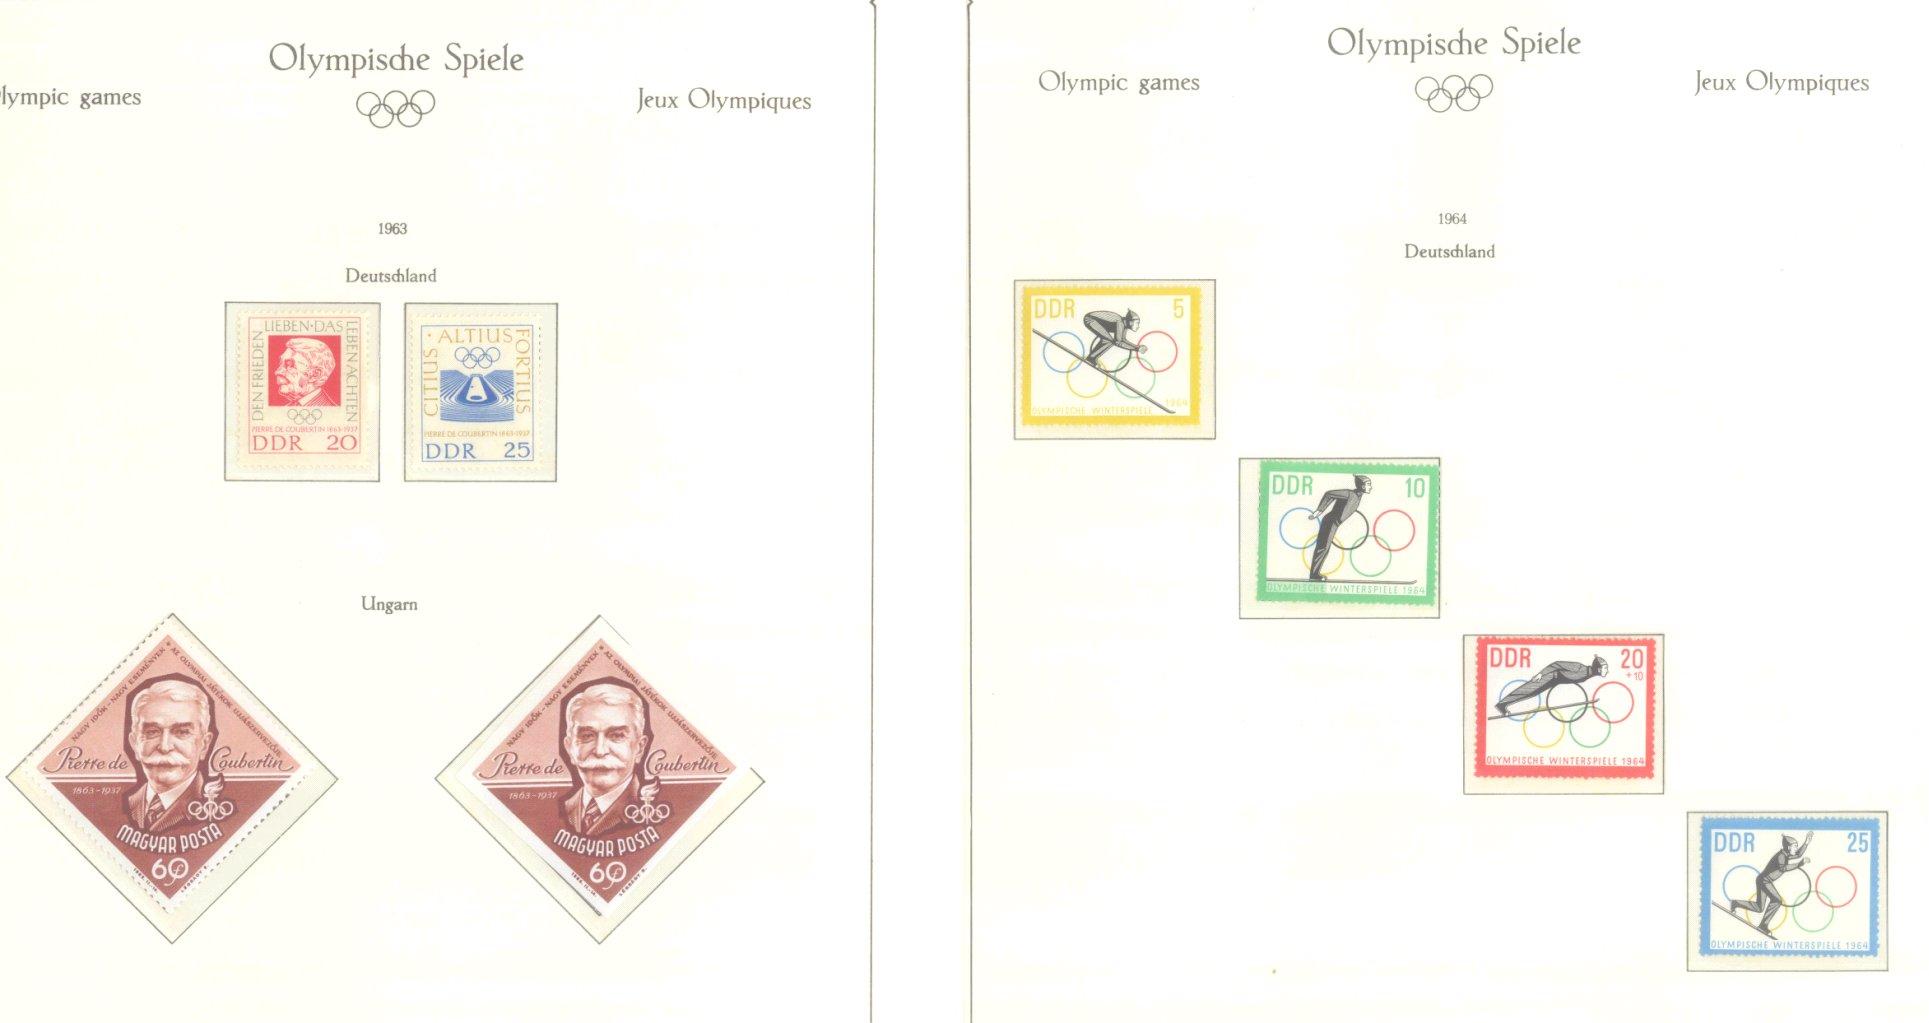 OLYMPISCHE SPIELE 1964 TOKIO, postfrische Sammlung Teil 1-61